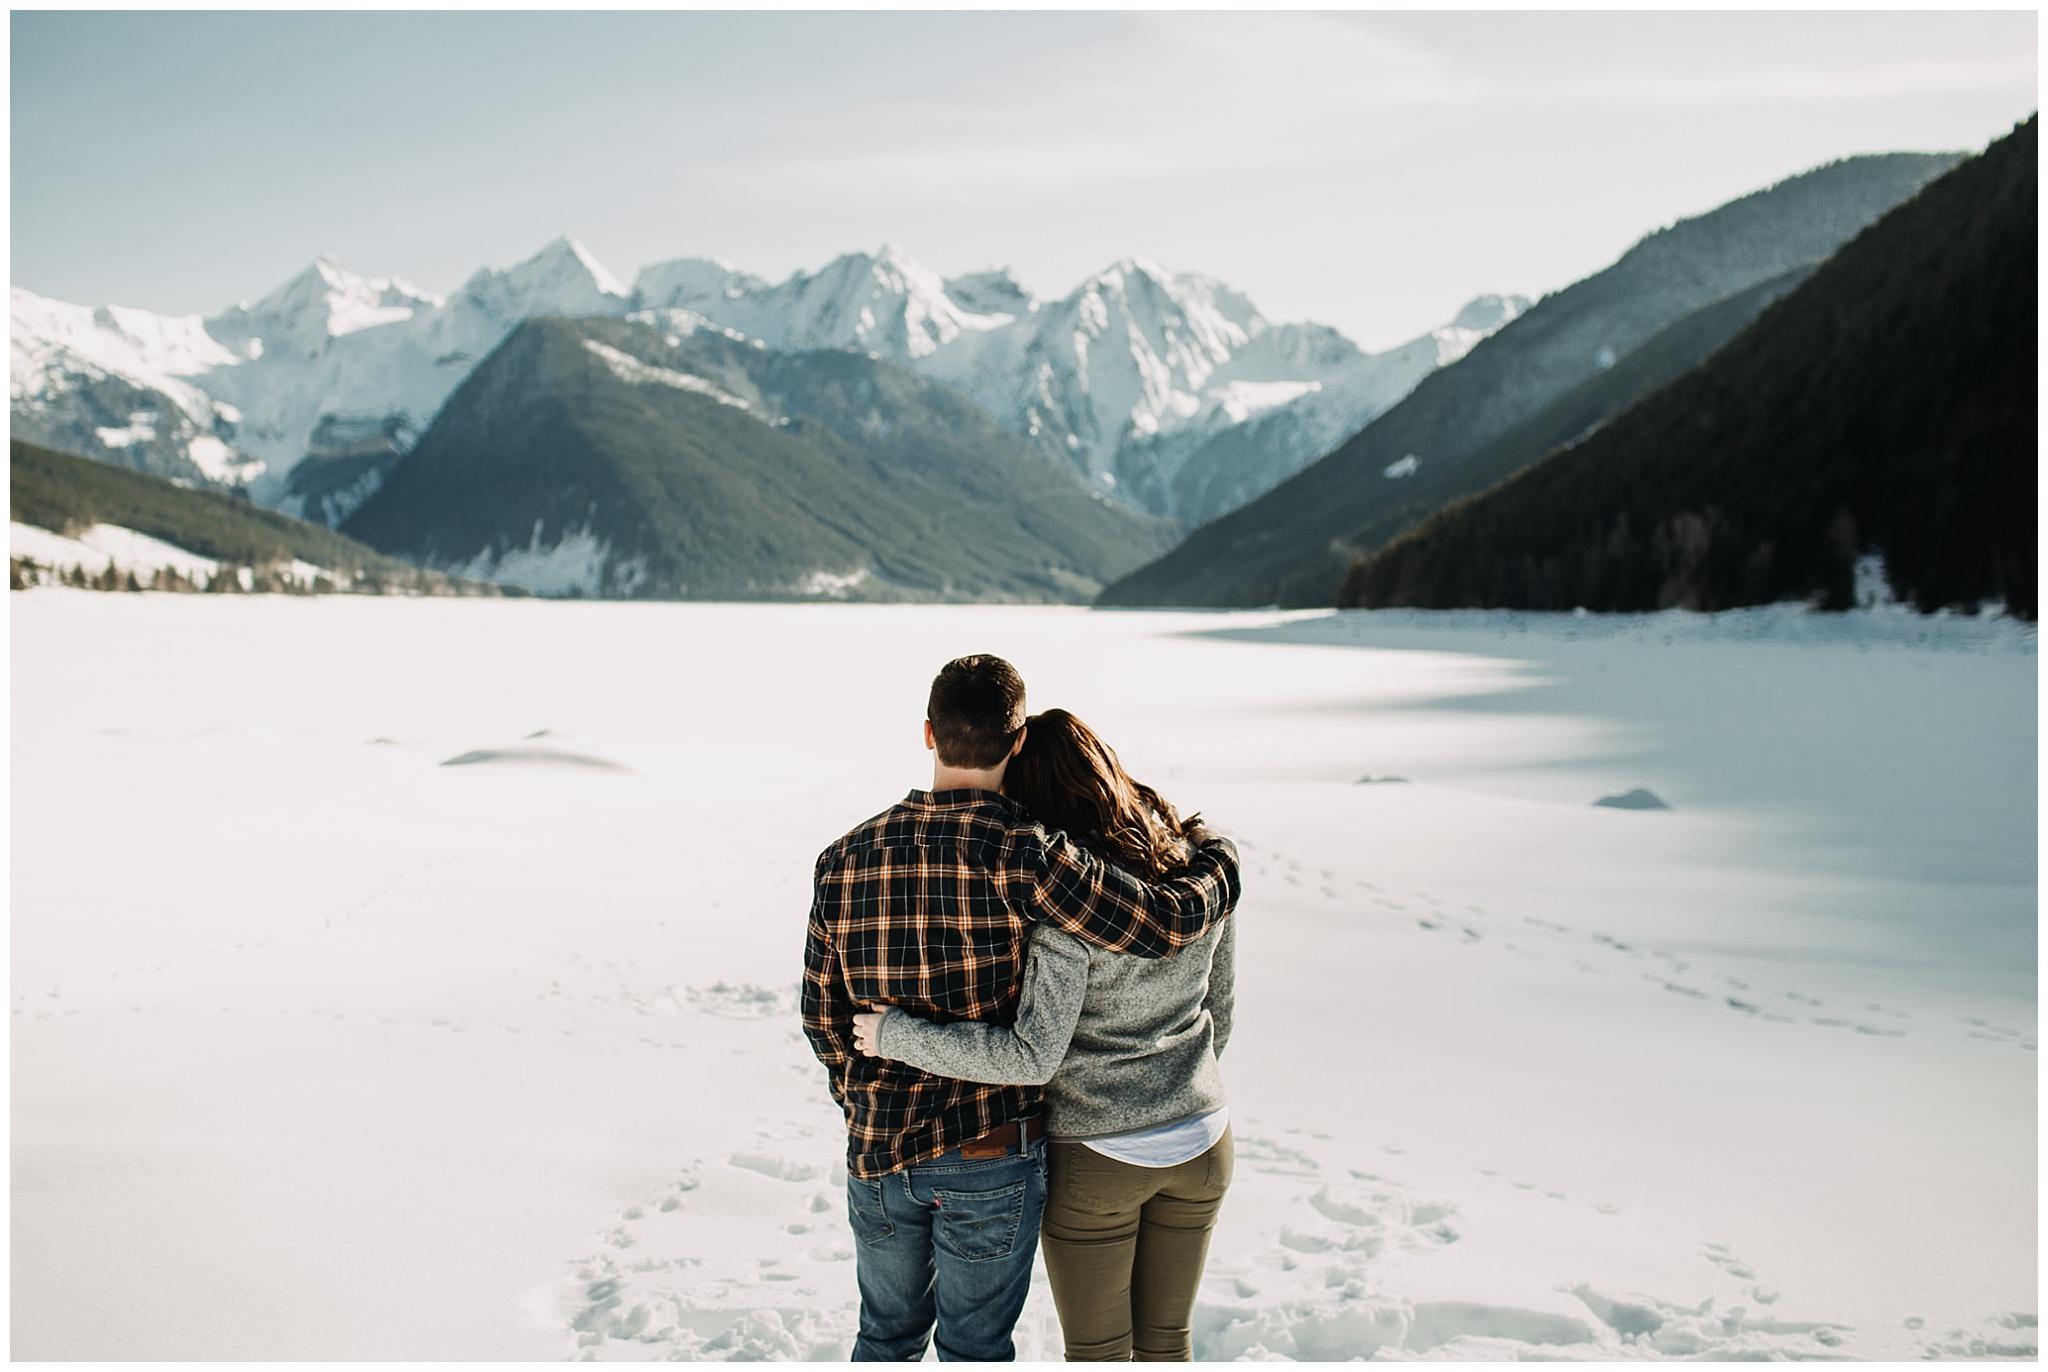 couple enjoying view of mountains at snowy jones lake